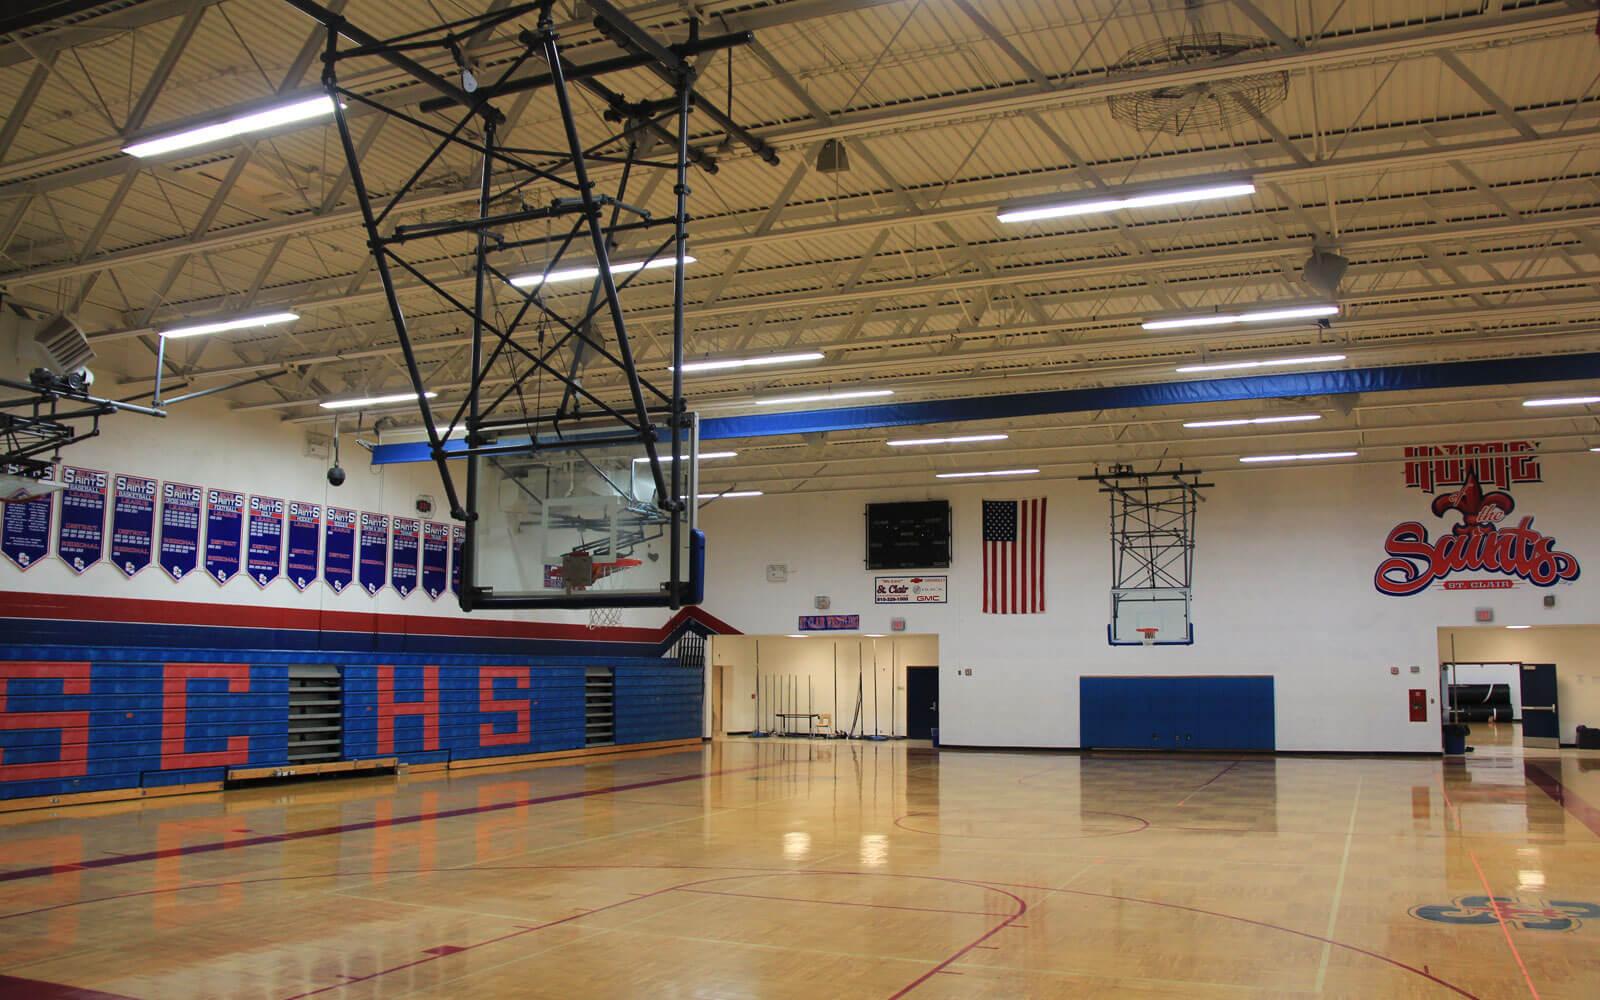 Eine typische Turnhalle an einer amerikanischen High School